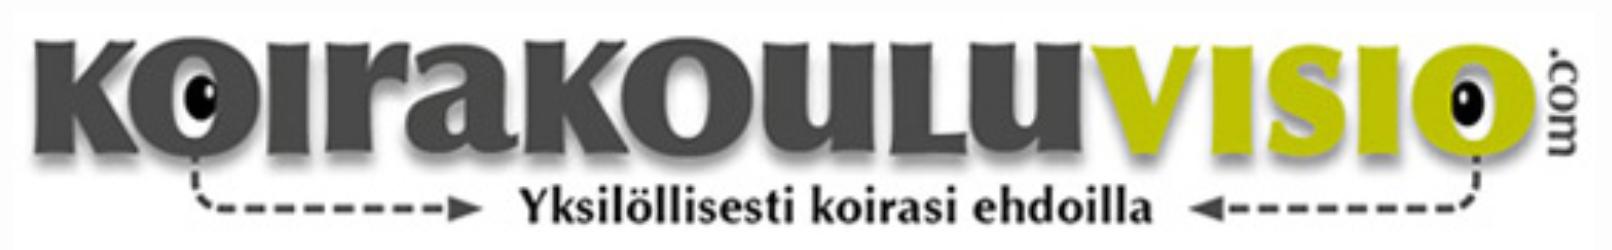 Koirakoulu Visio logo